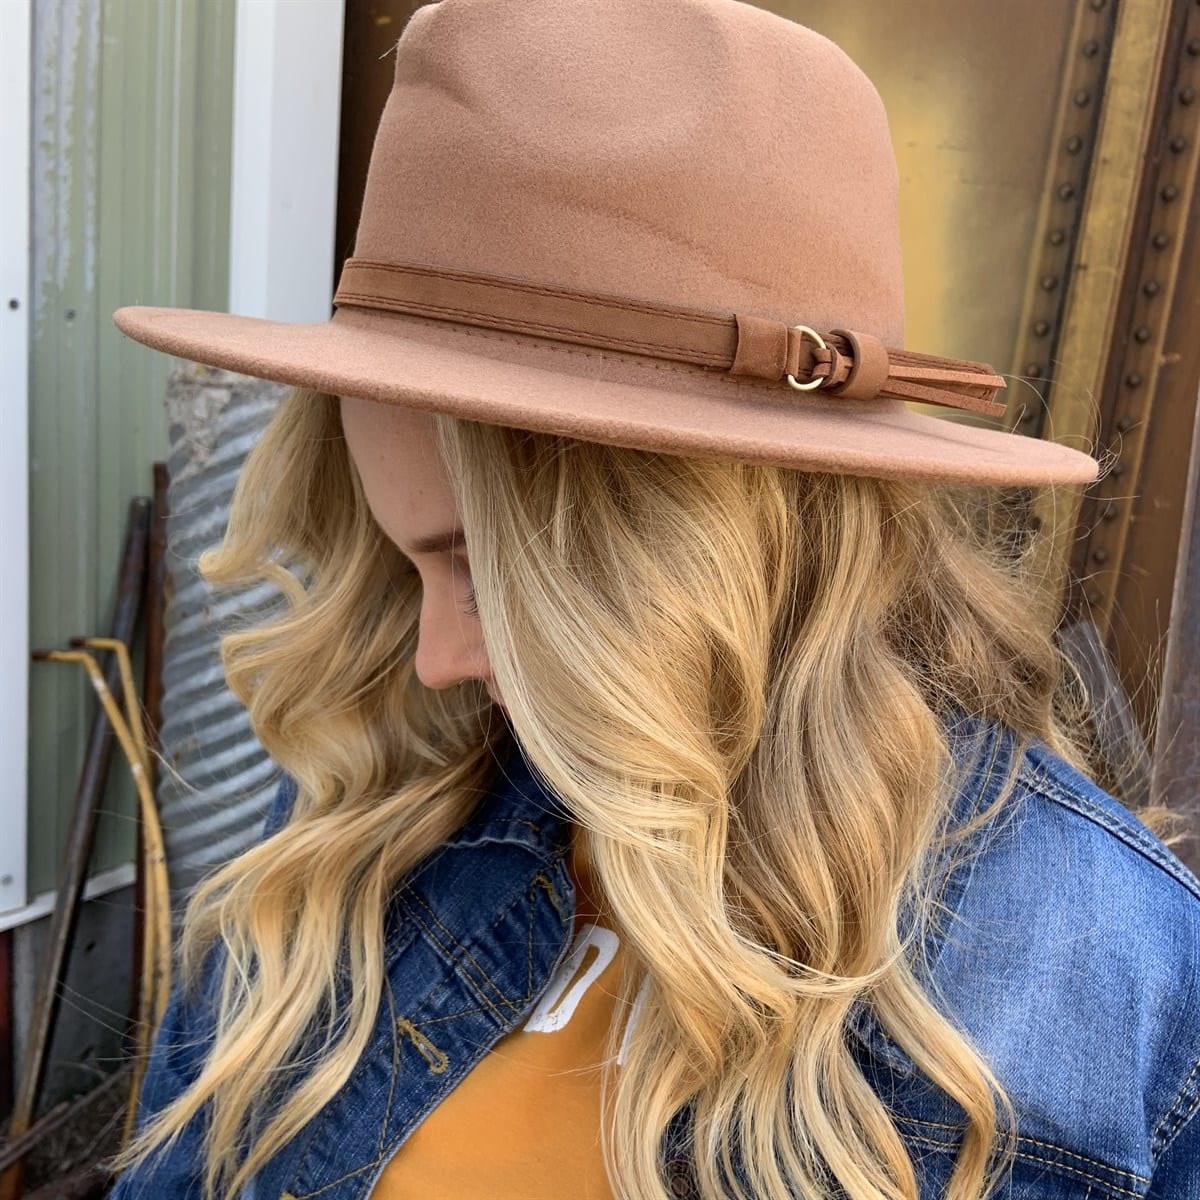 Fashion Hat With Buckle Brim